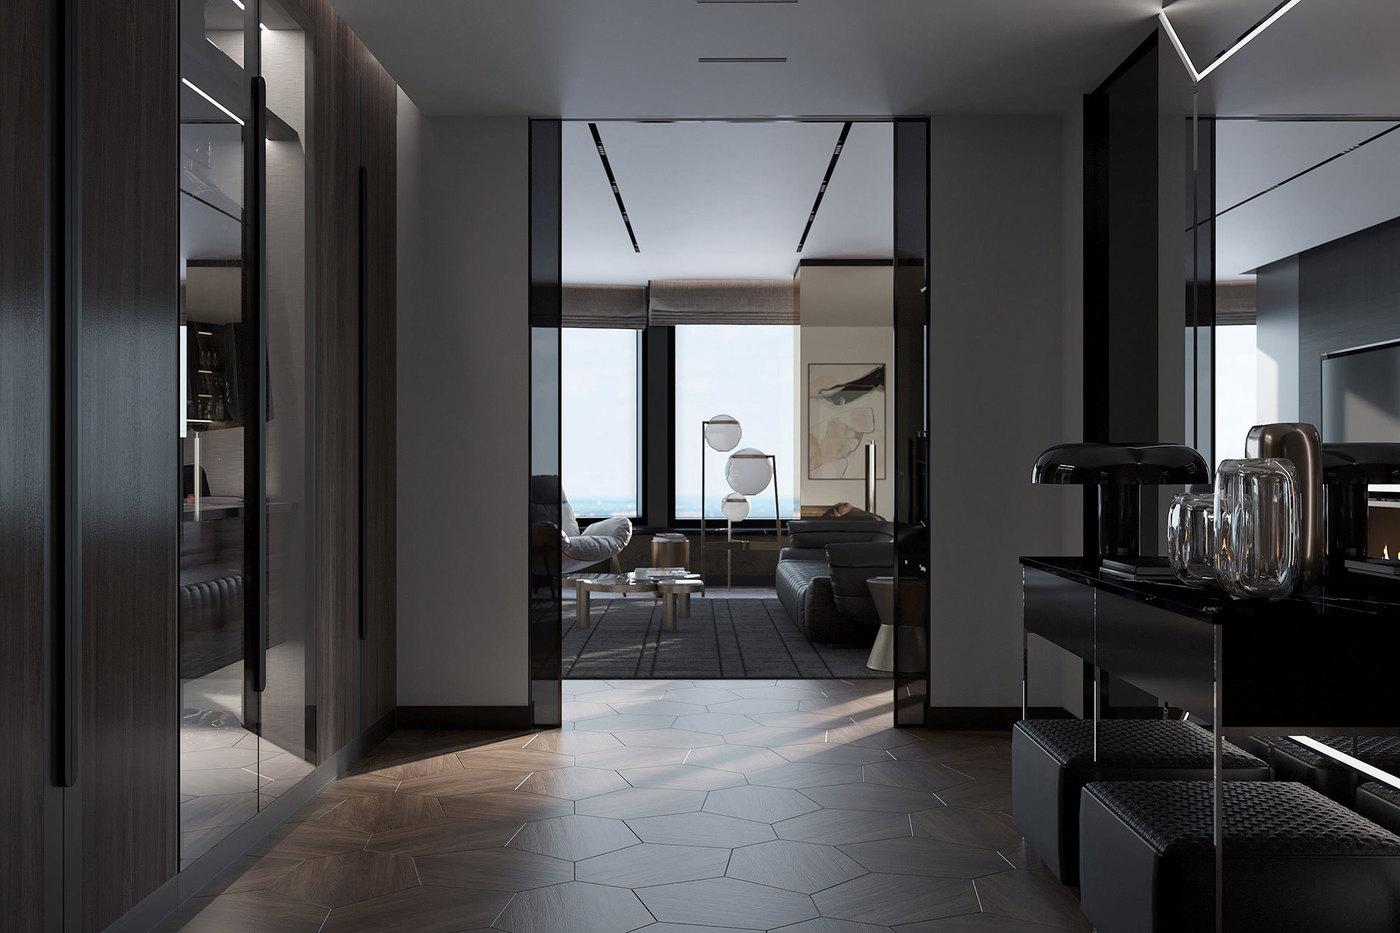 Открытая планировка квартиры в небоскрёбе - Elizarova Design Studio